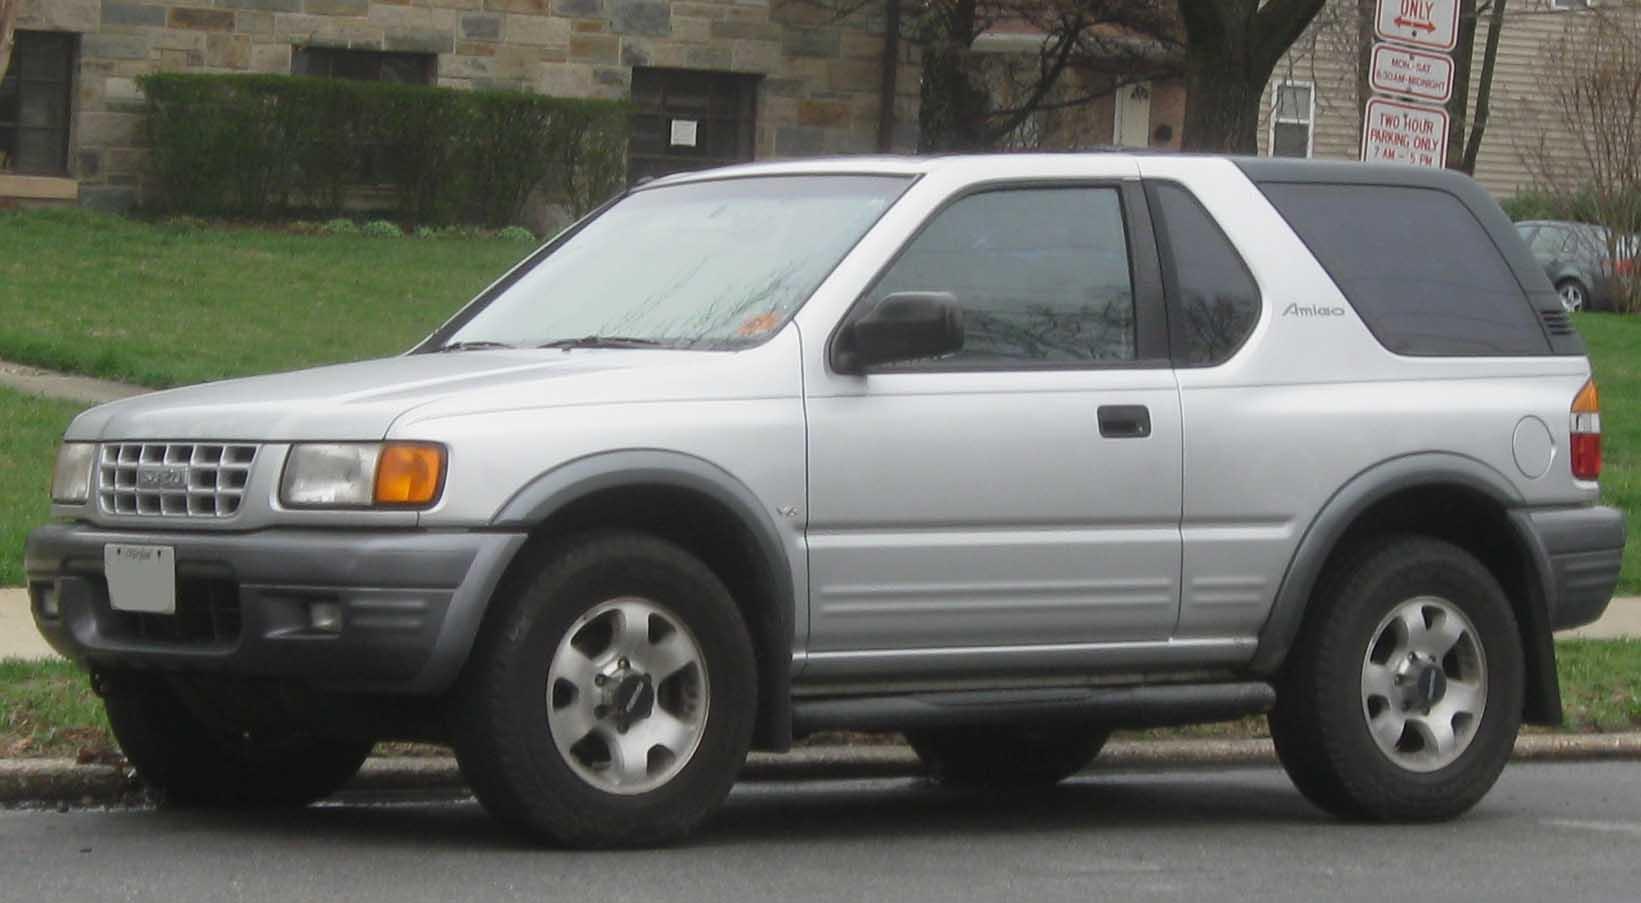 Isuzu Amigo I 1989 - 2000 SUV #3